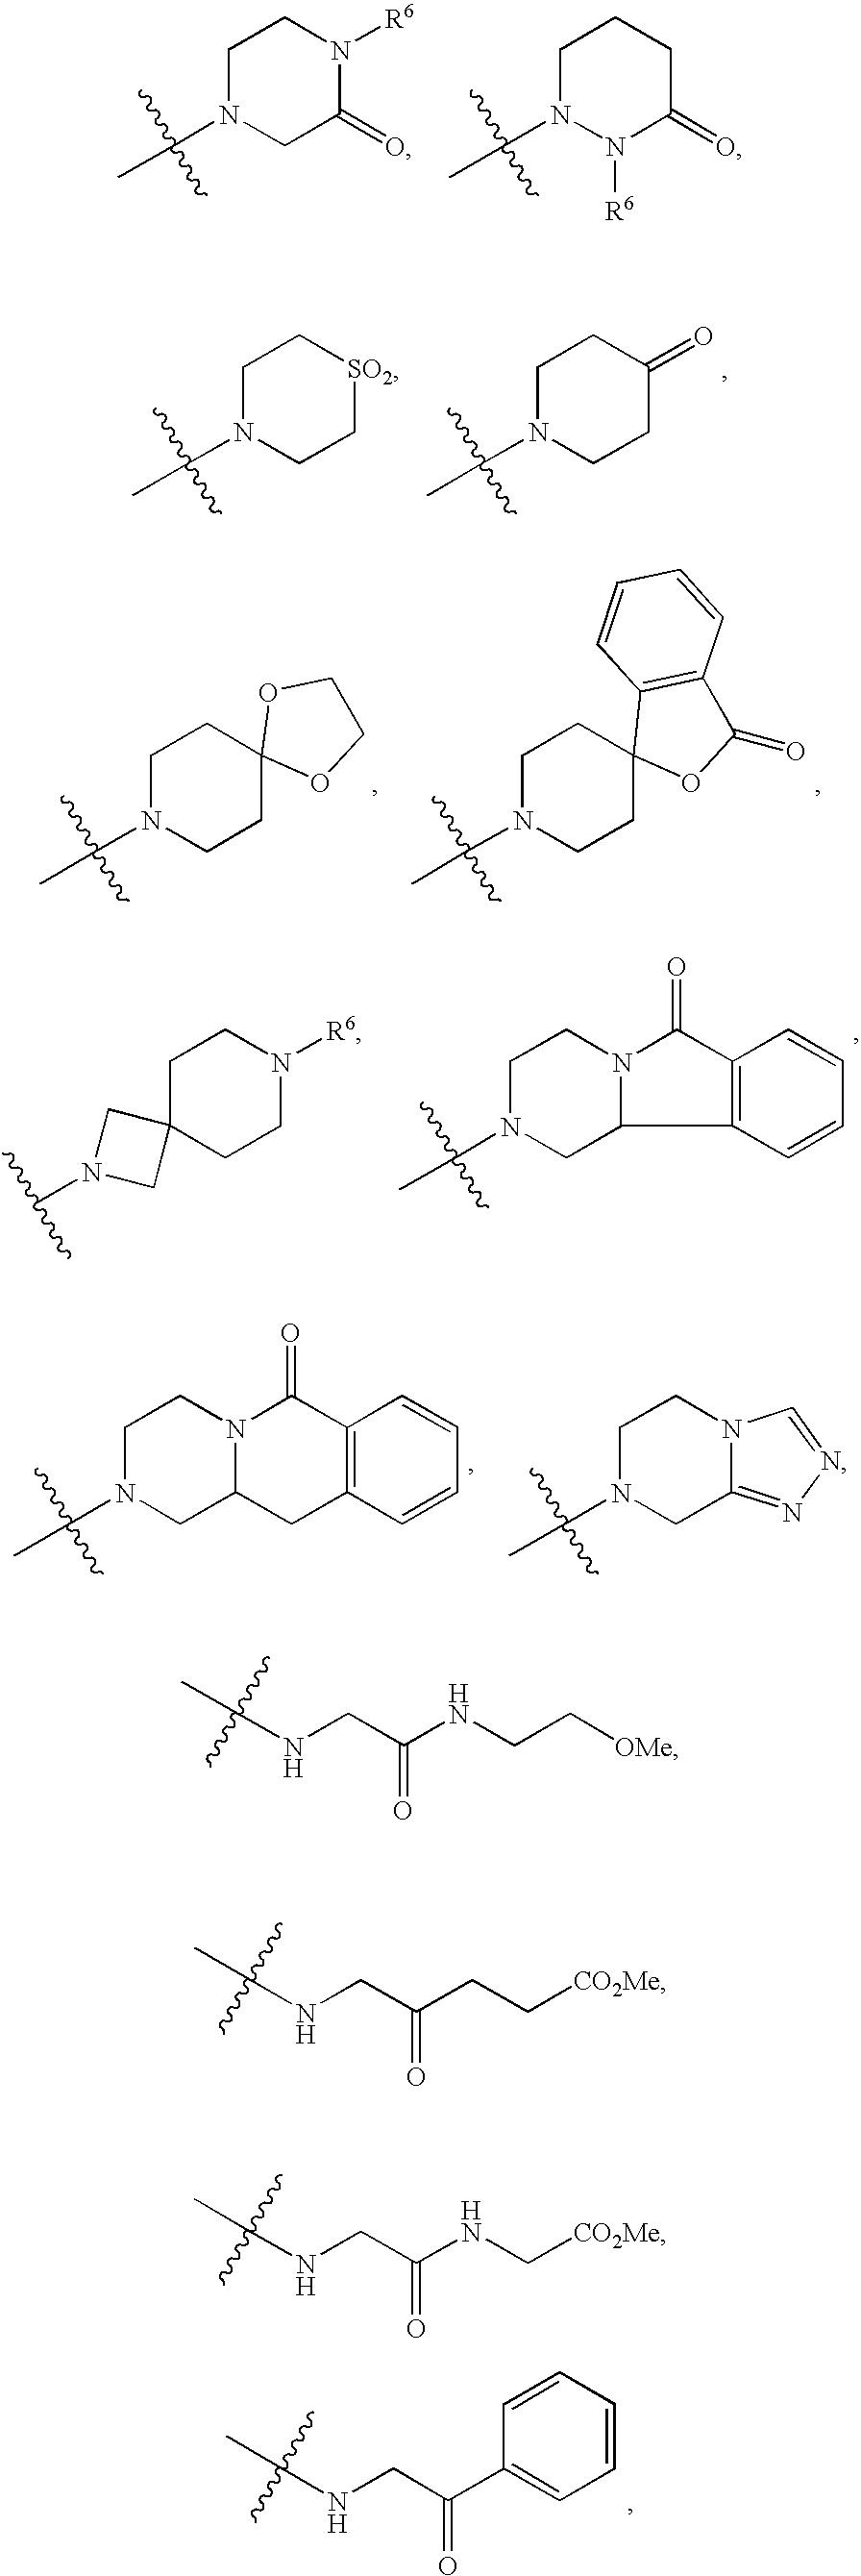 Figure US07473688-20090106-C00005